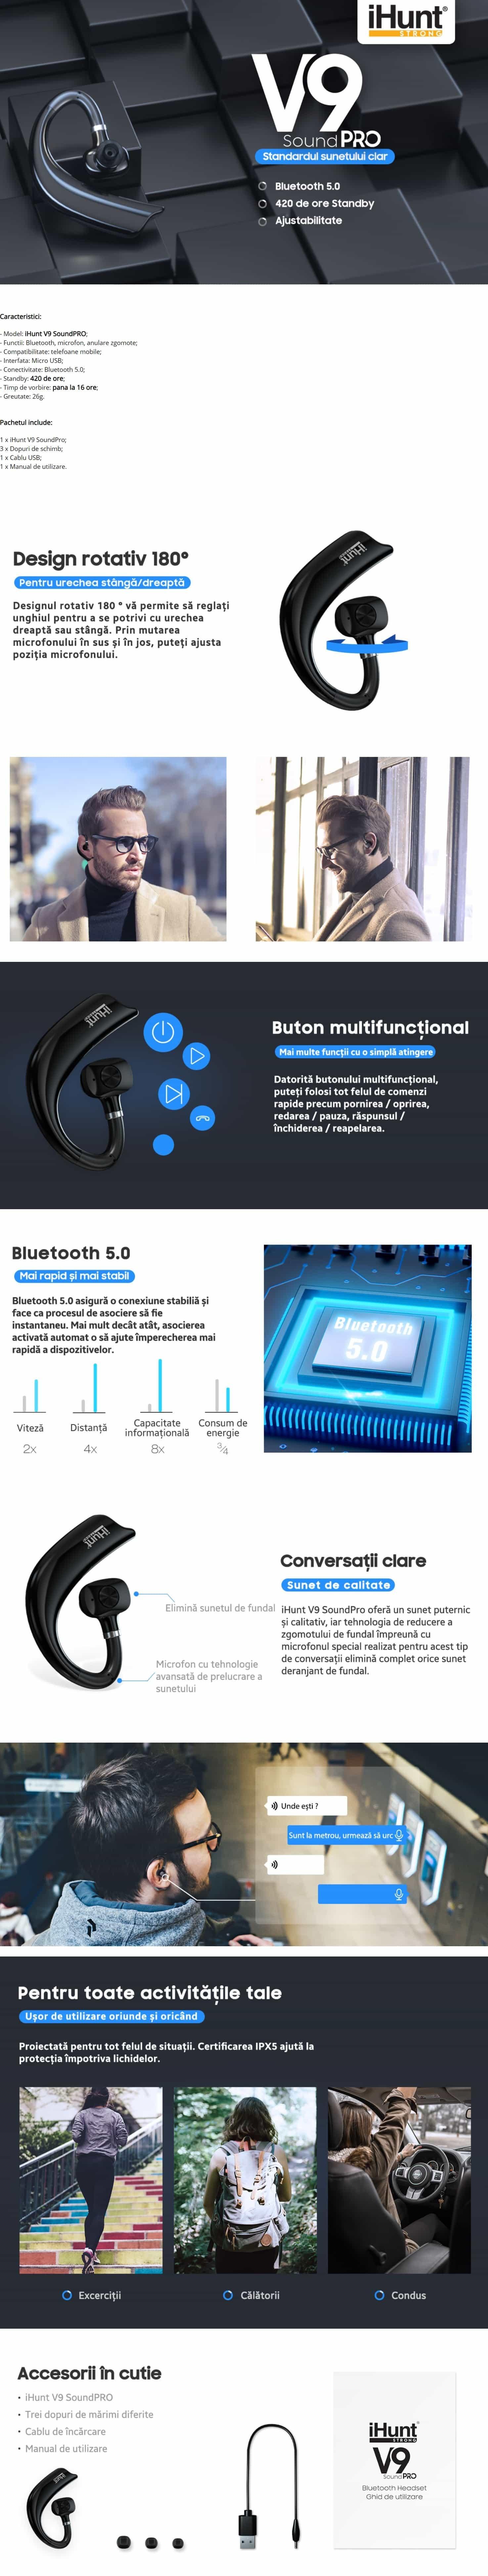 Prezentare-iHunt-V9-SoundPROf247dccef20e1684.jpg